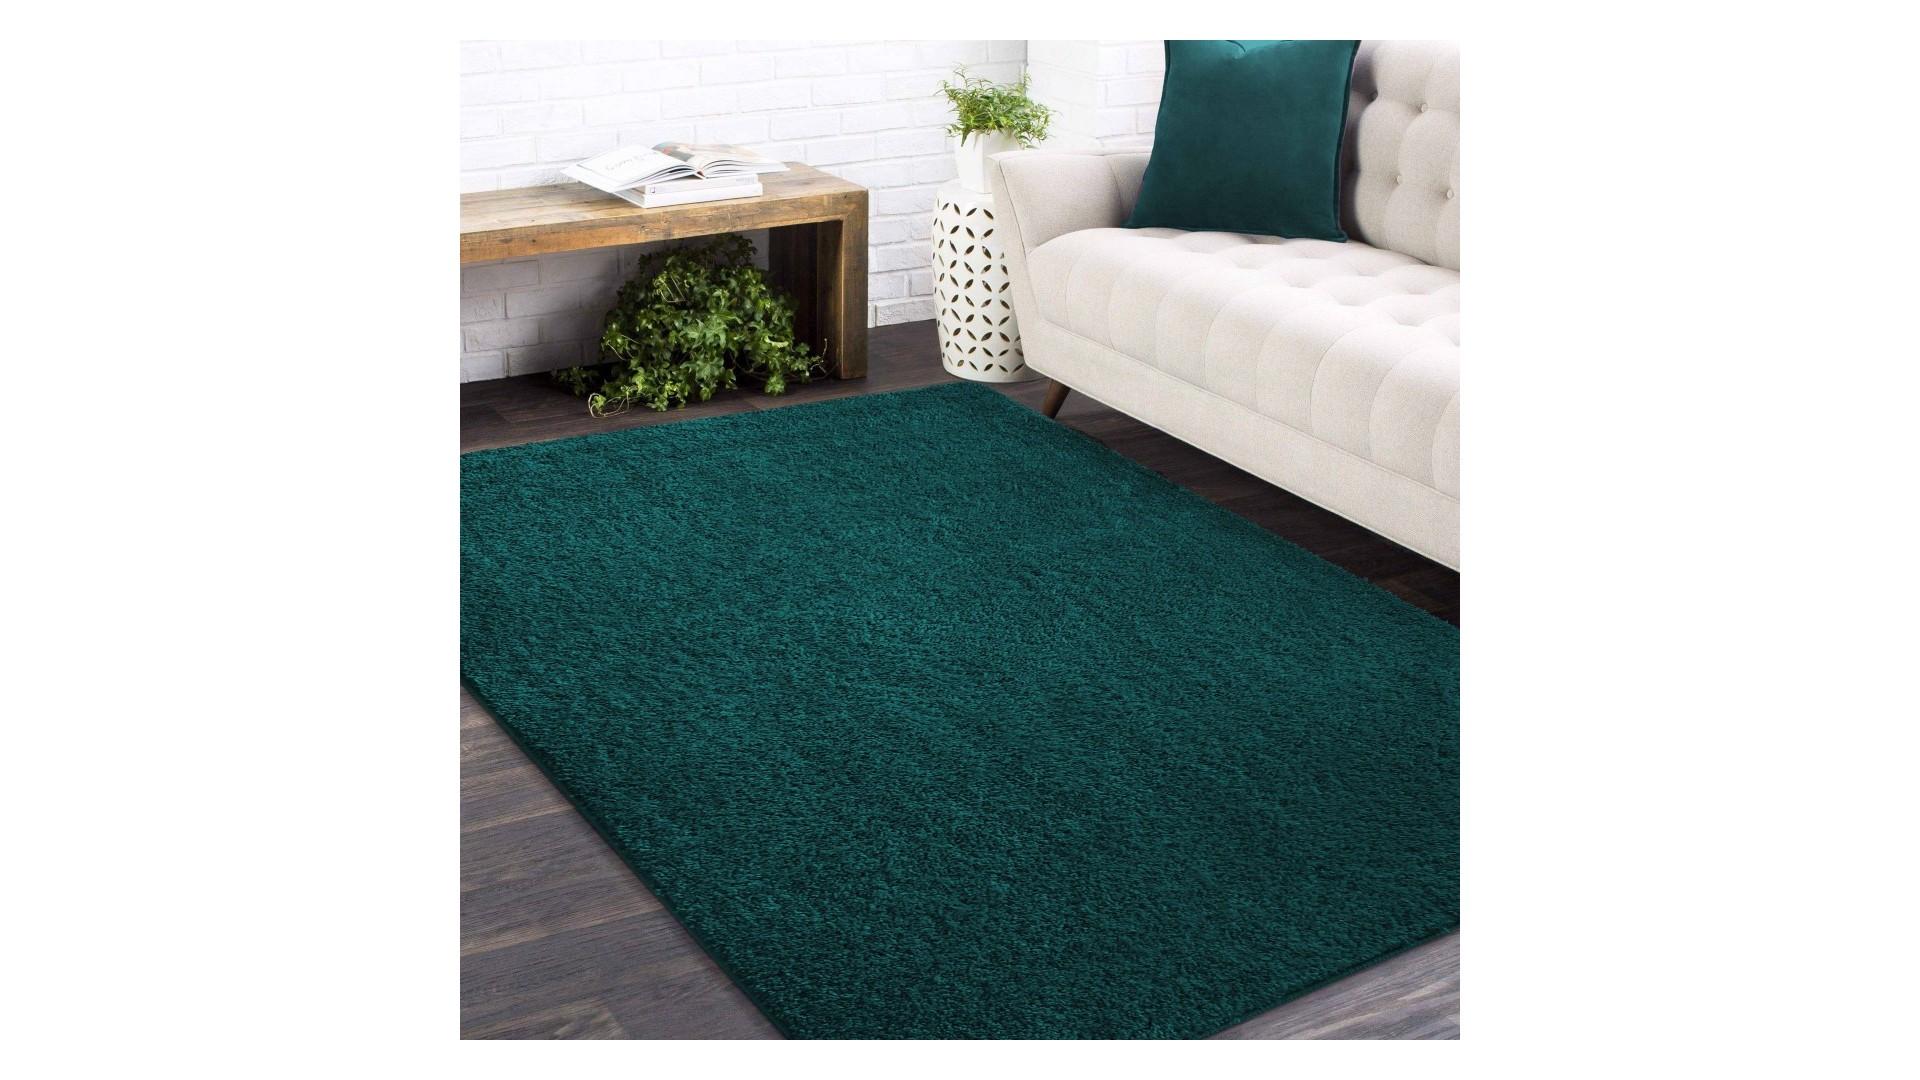 Piękny dywan SHAGGY w kolorze butelkowej zieleni doskonale pasuje do nowoczesnych wnętrz.